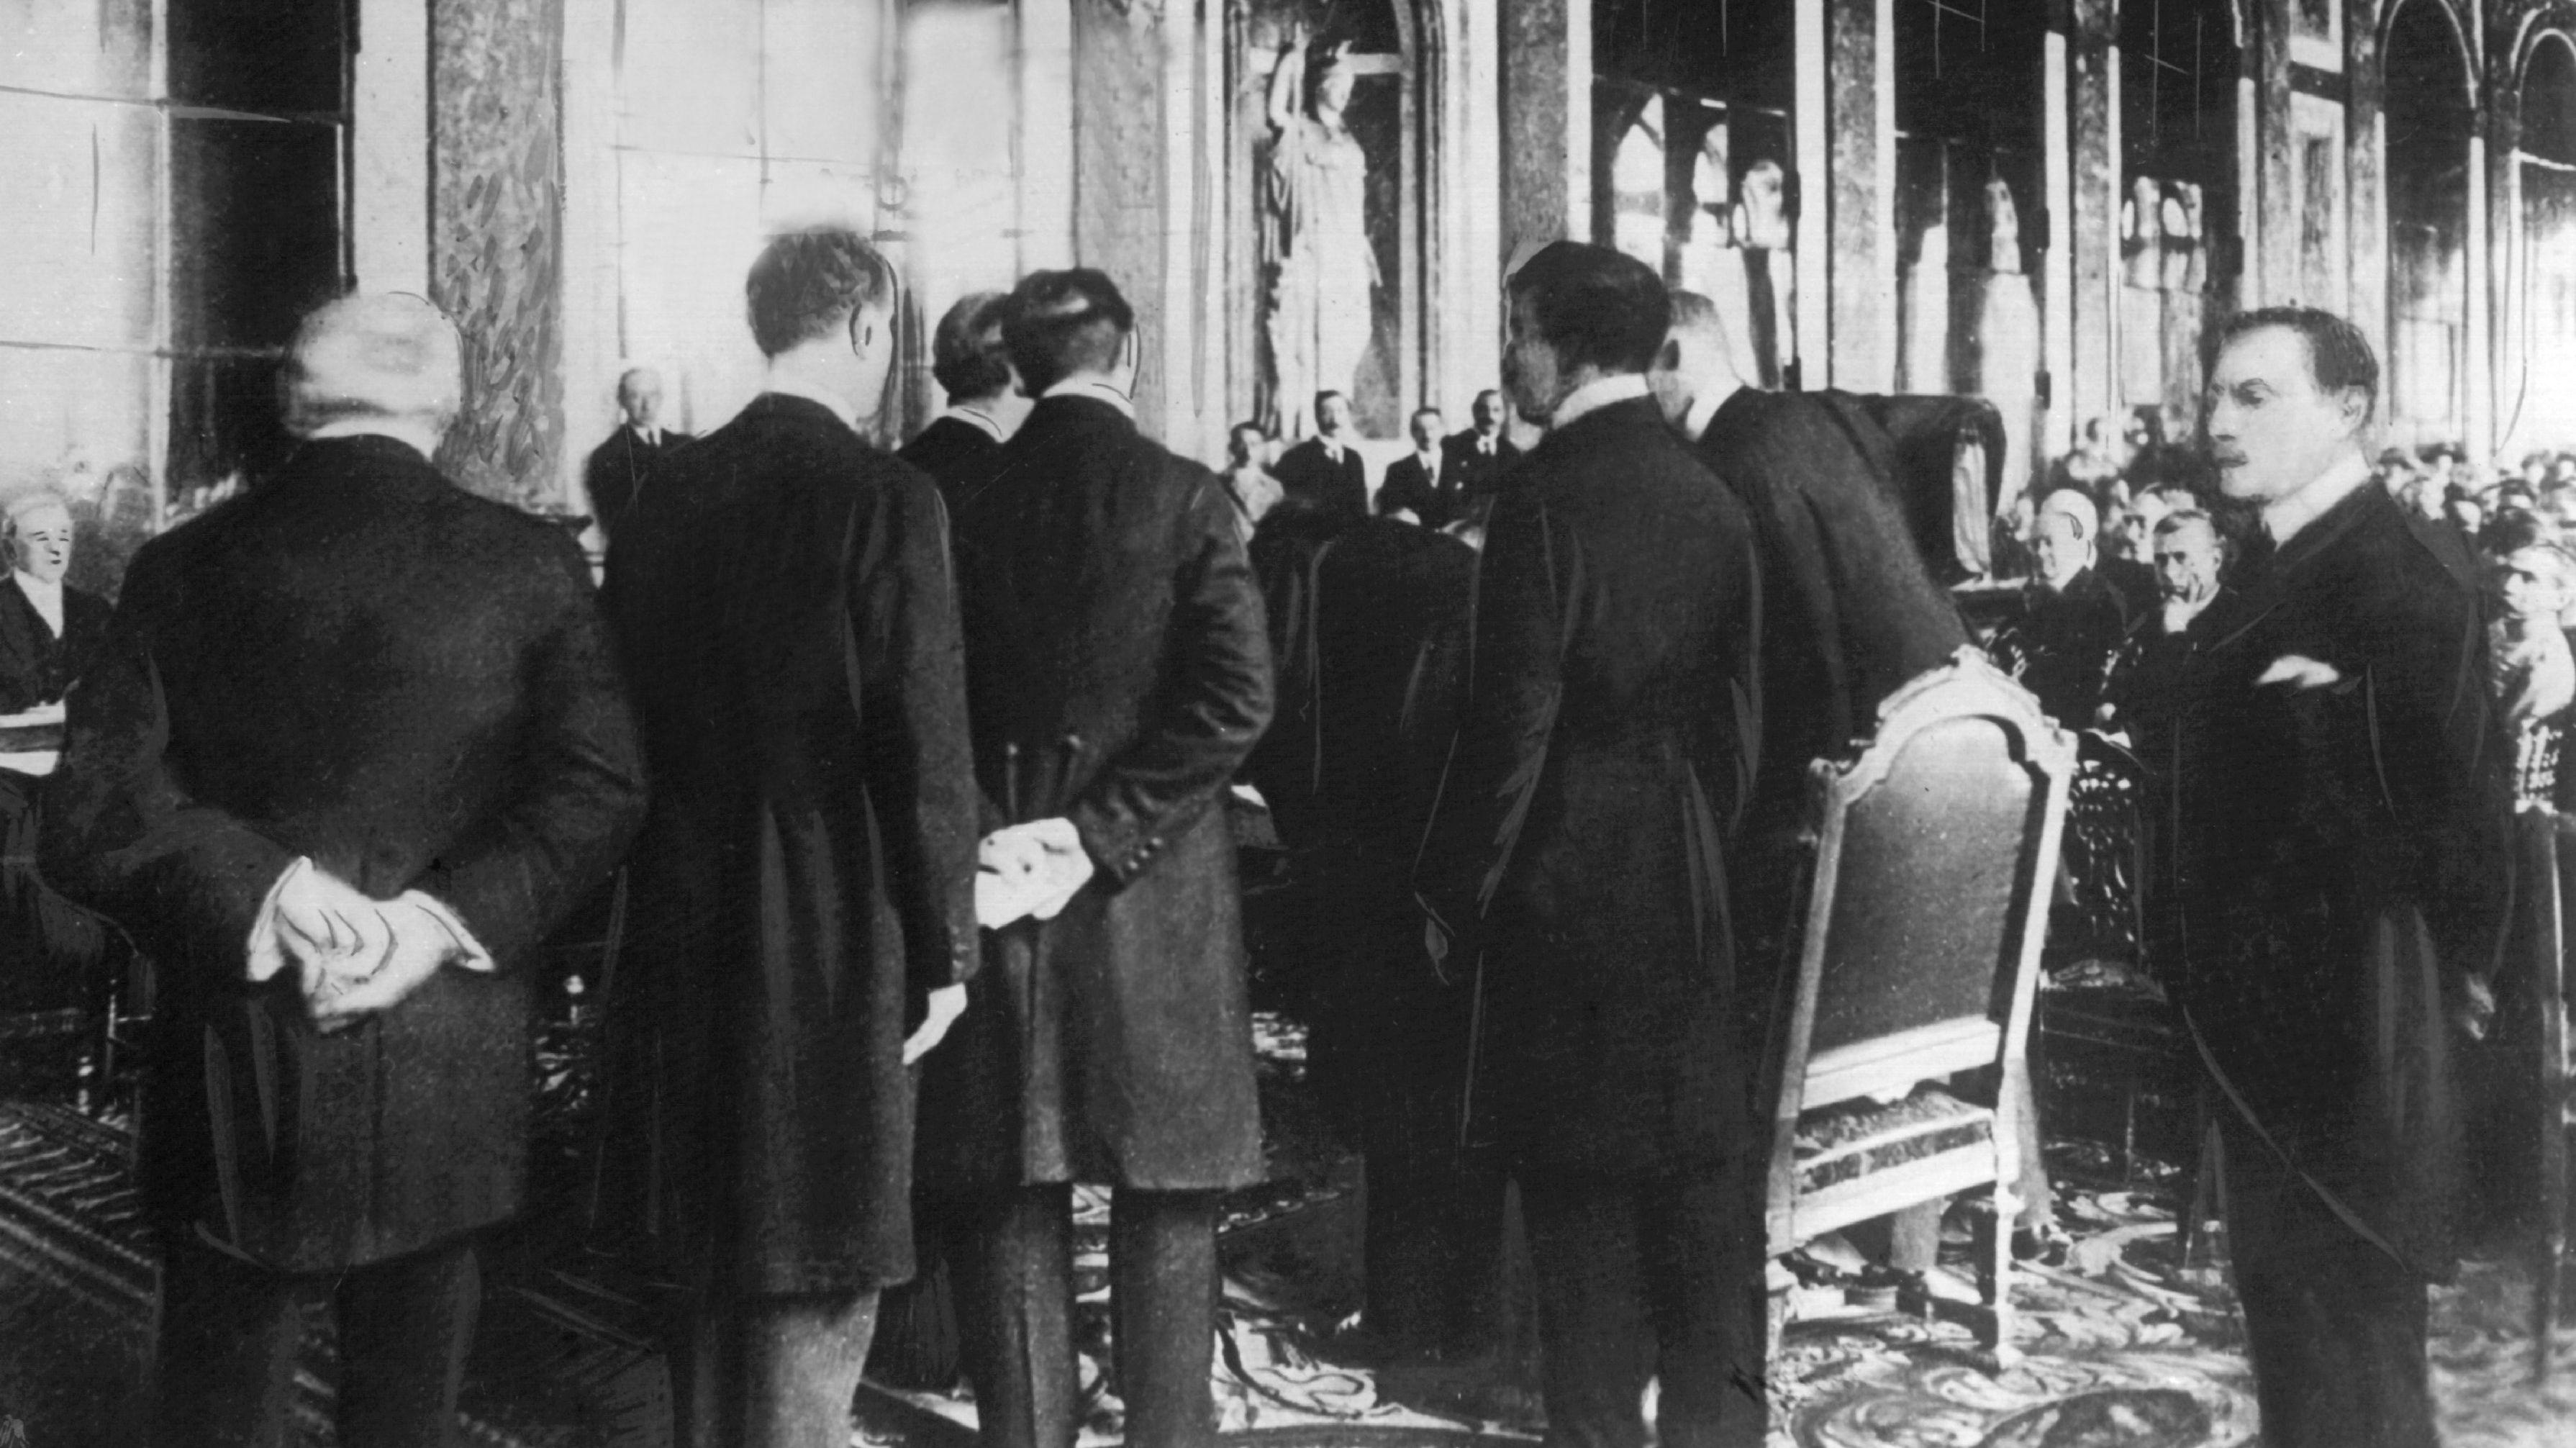 Ein historischer Augenblick: Der deutsche Außenminister Hermann Müller (M) unterschreibt den Versailler Friedensvertrag. Hinter ihm Johannes Bell. Historische Aufnahme vom 28. Juni 1919.